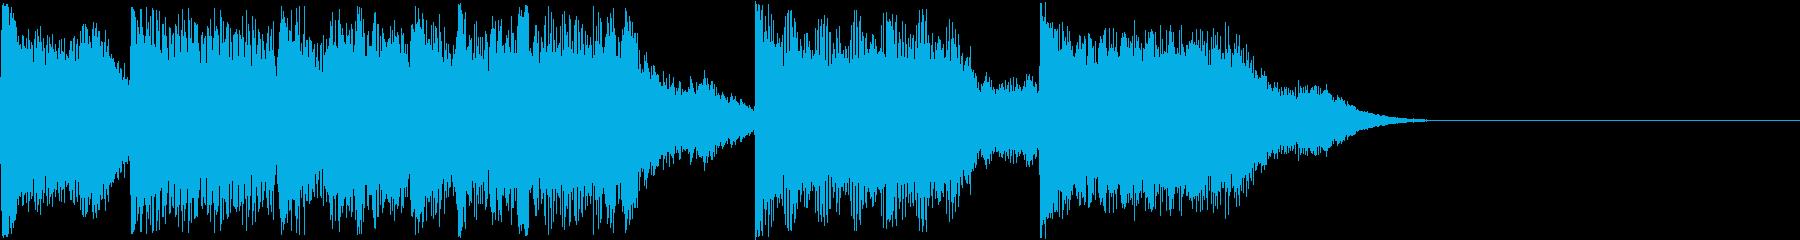 AI メカ/ロボ/マシン動作音 30の再生済みの波形